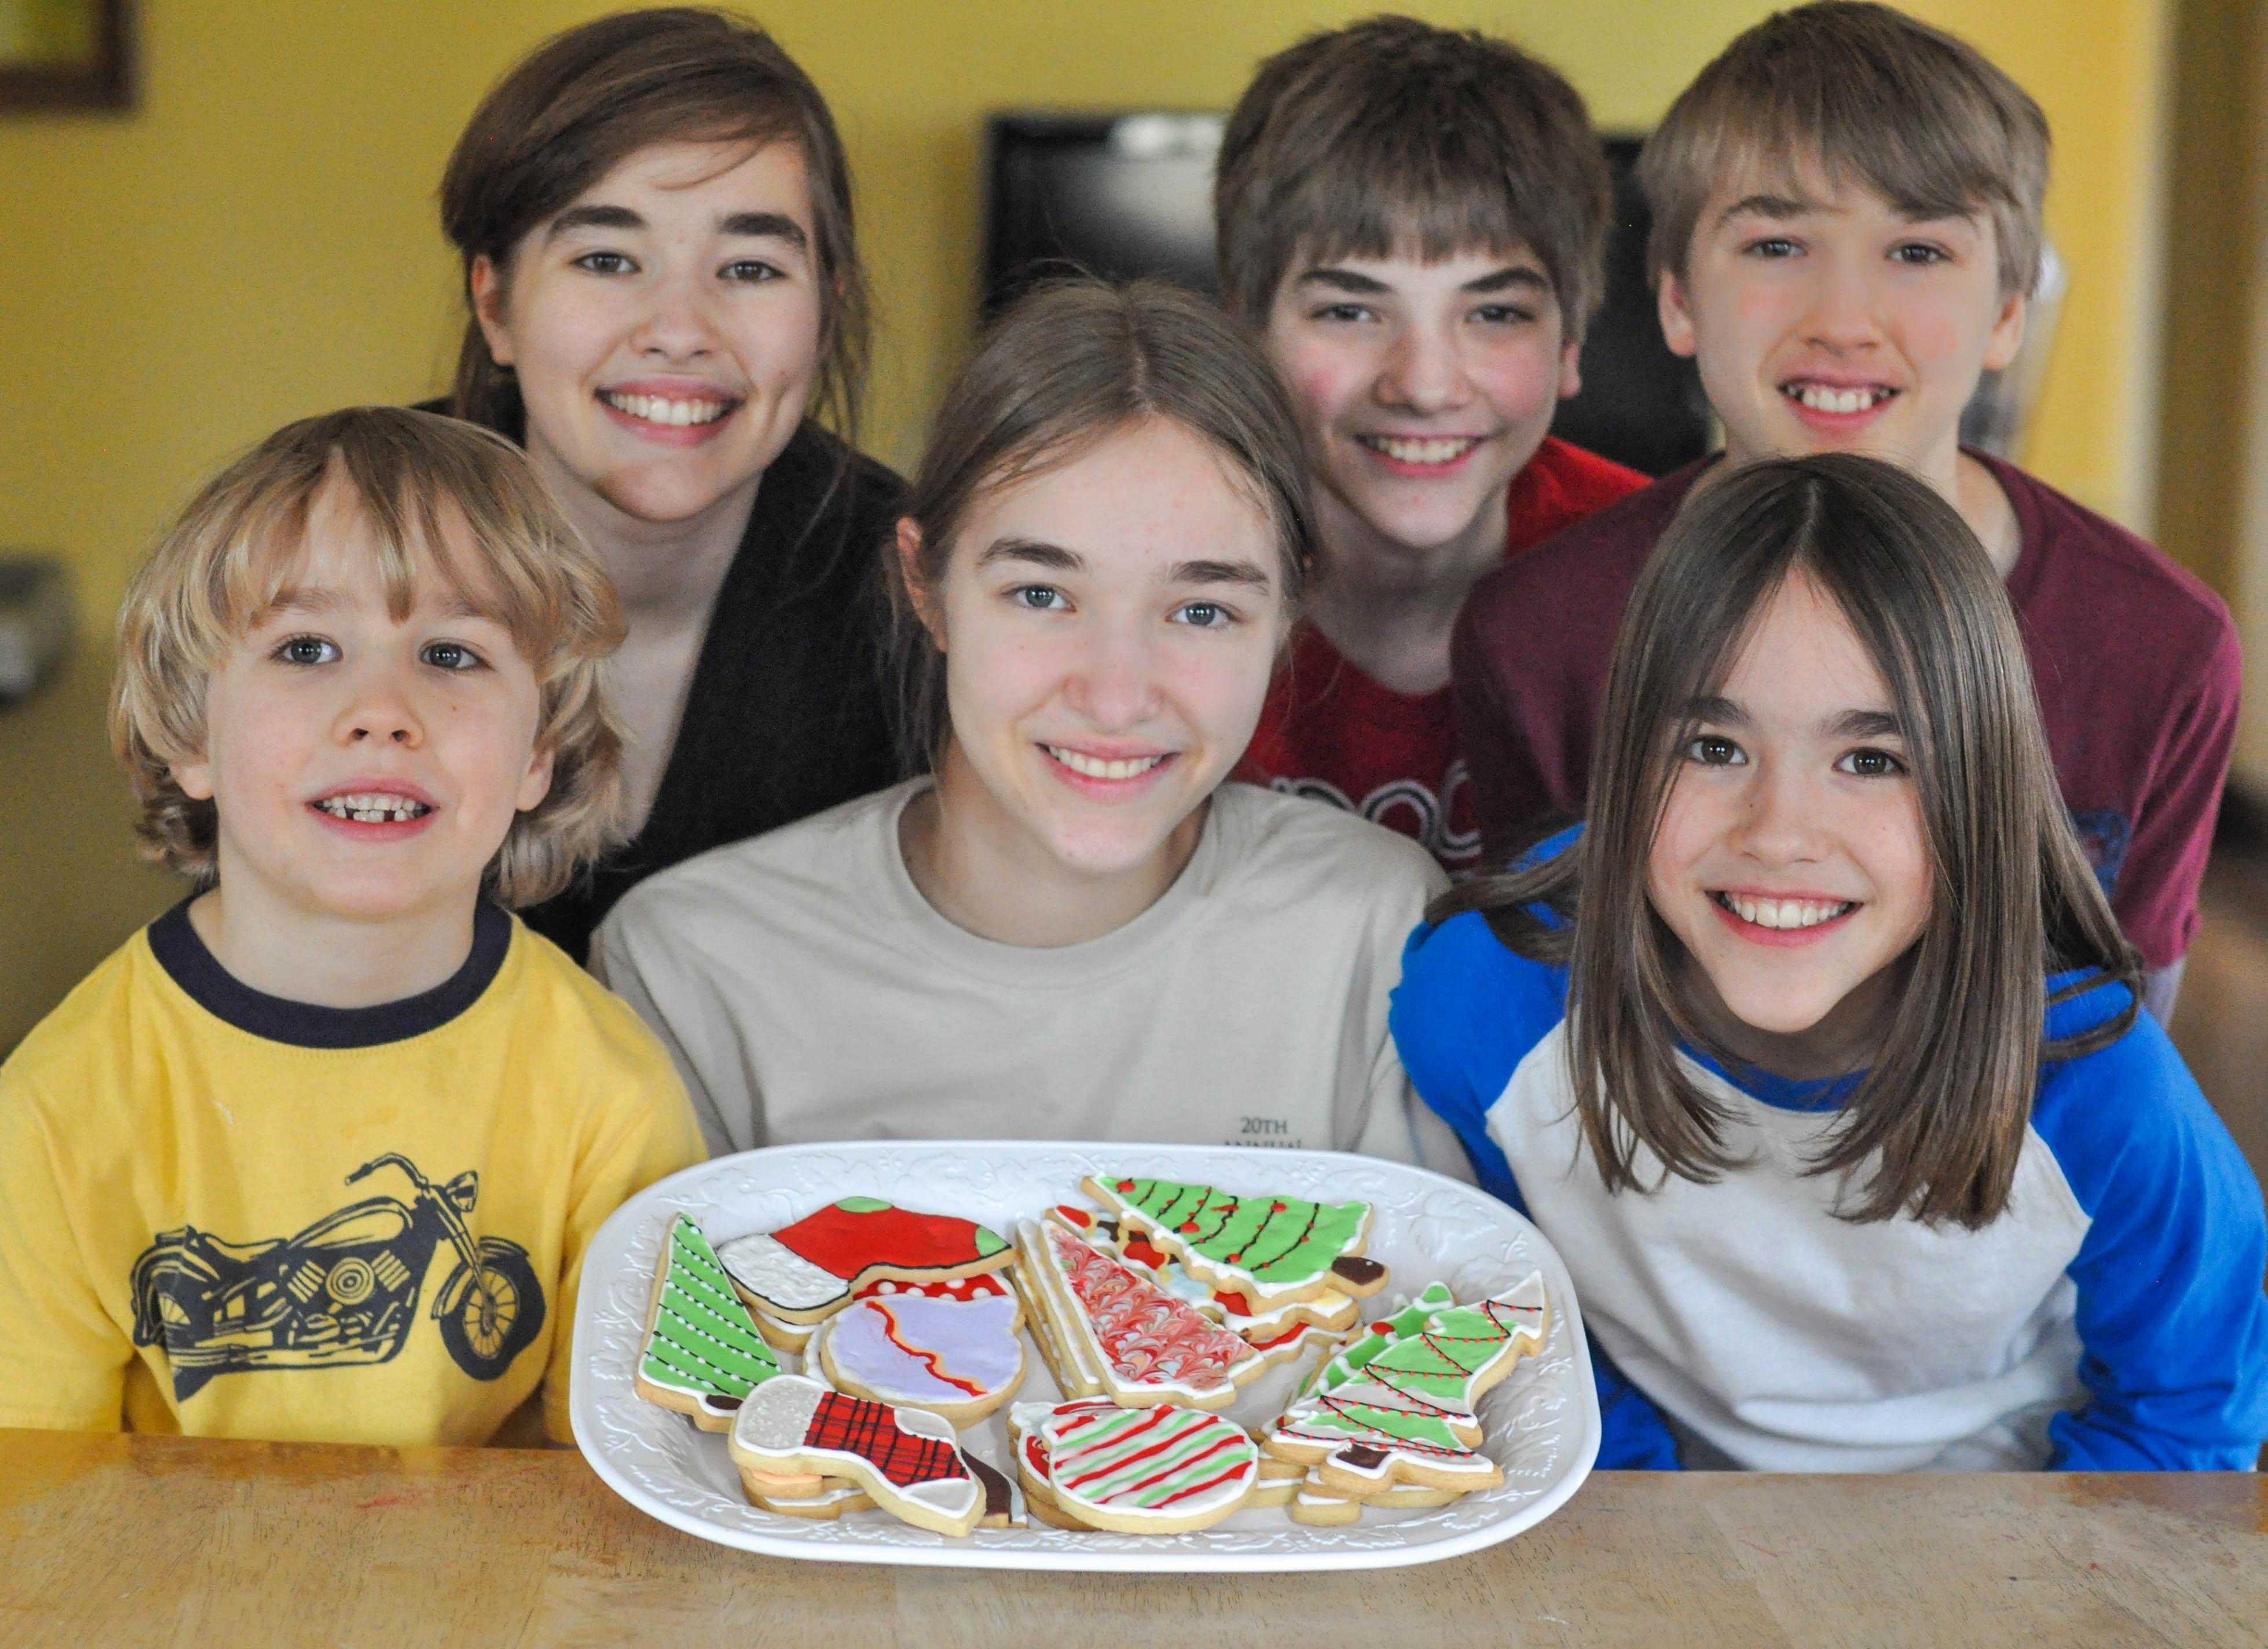 kids-with-christmas-cookies.jpg